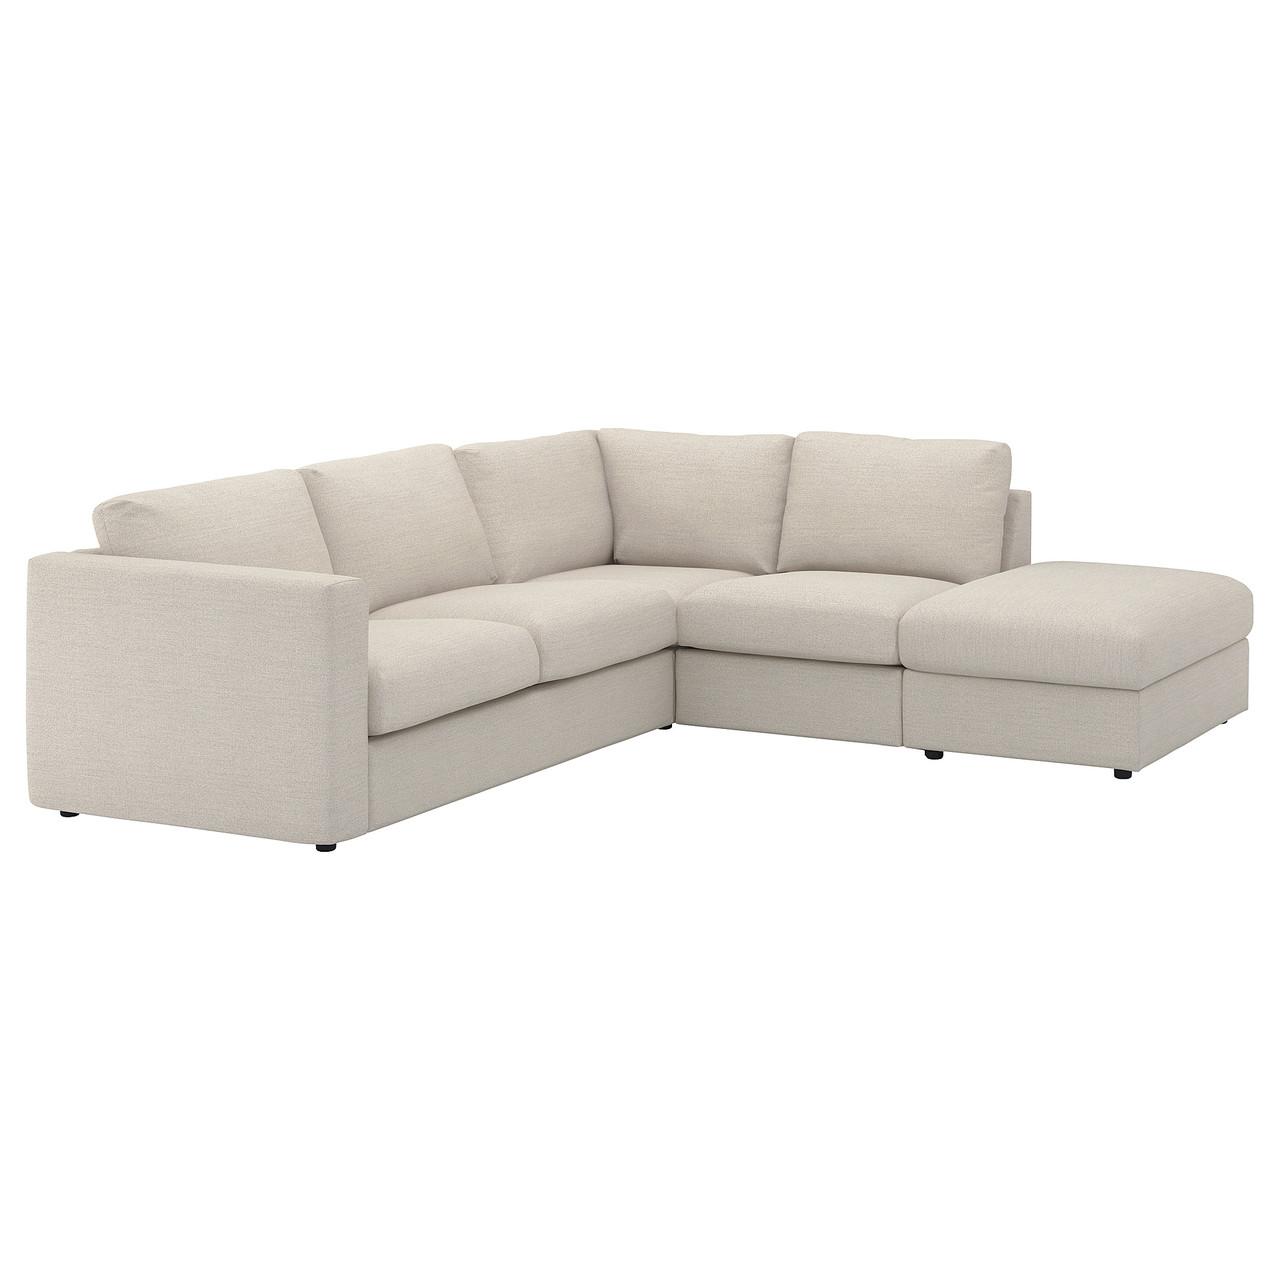 ВИМЛЕ 4-местный угловой диван, с открытым торцом, Гуннаред бежевый